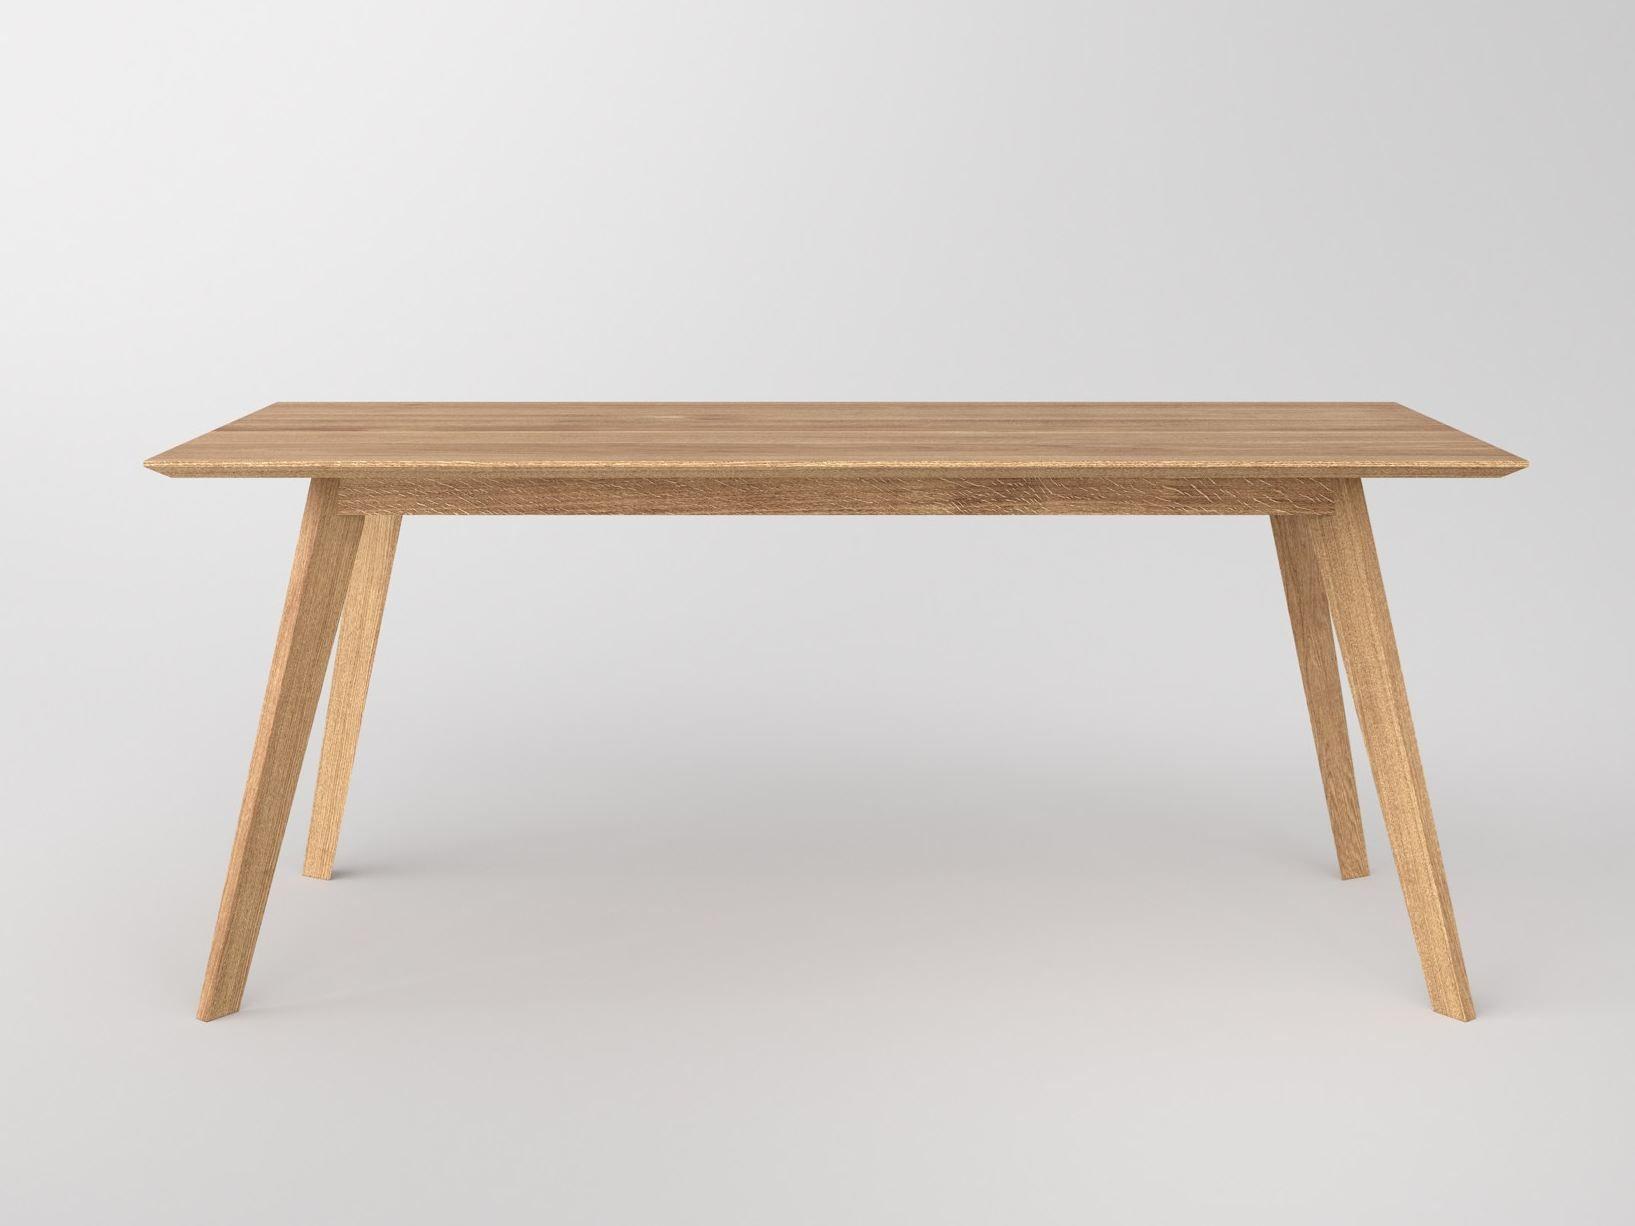 Tavolo rettangolare in legno massello citius by vitamin design for Tavolo rettangolare design